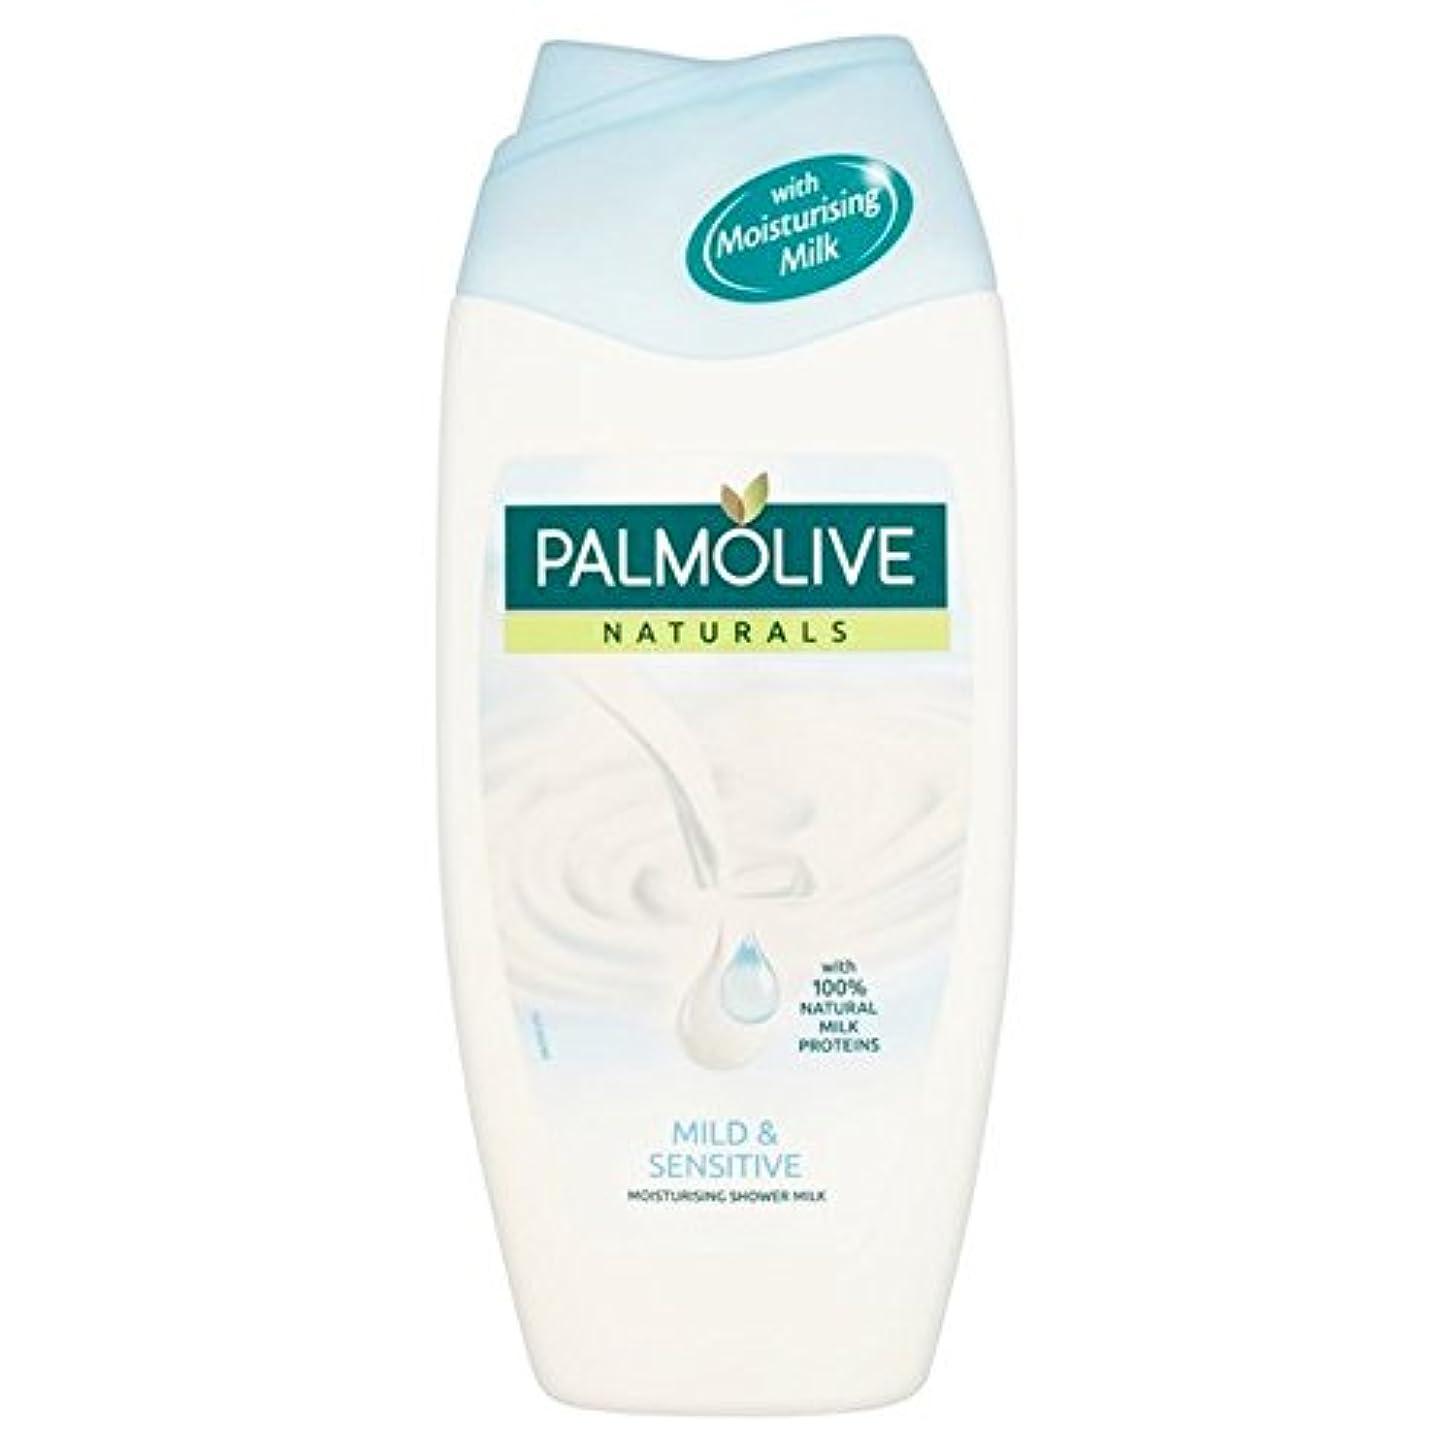 マント受動的思慮のないPalmolive Naturals Shower Milk Mild & Sensitive 250ml - パルモナチュラルシャワーミルクマイルド&敏感250ミリリットル [並行輸入品]